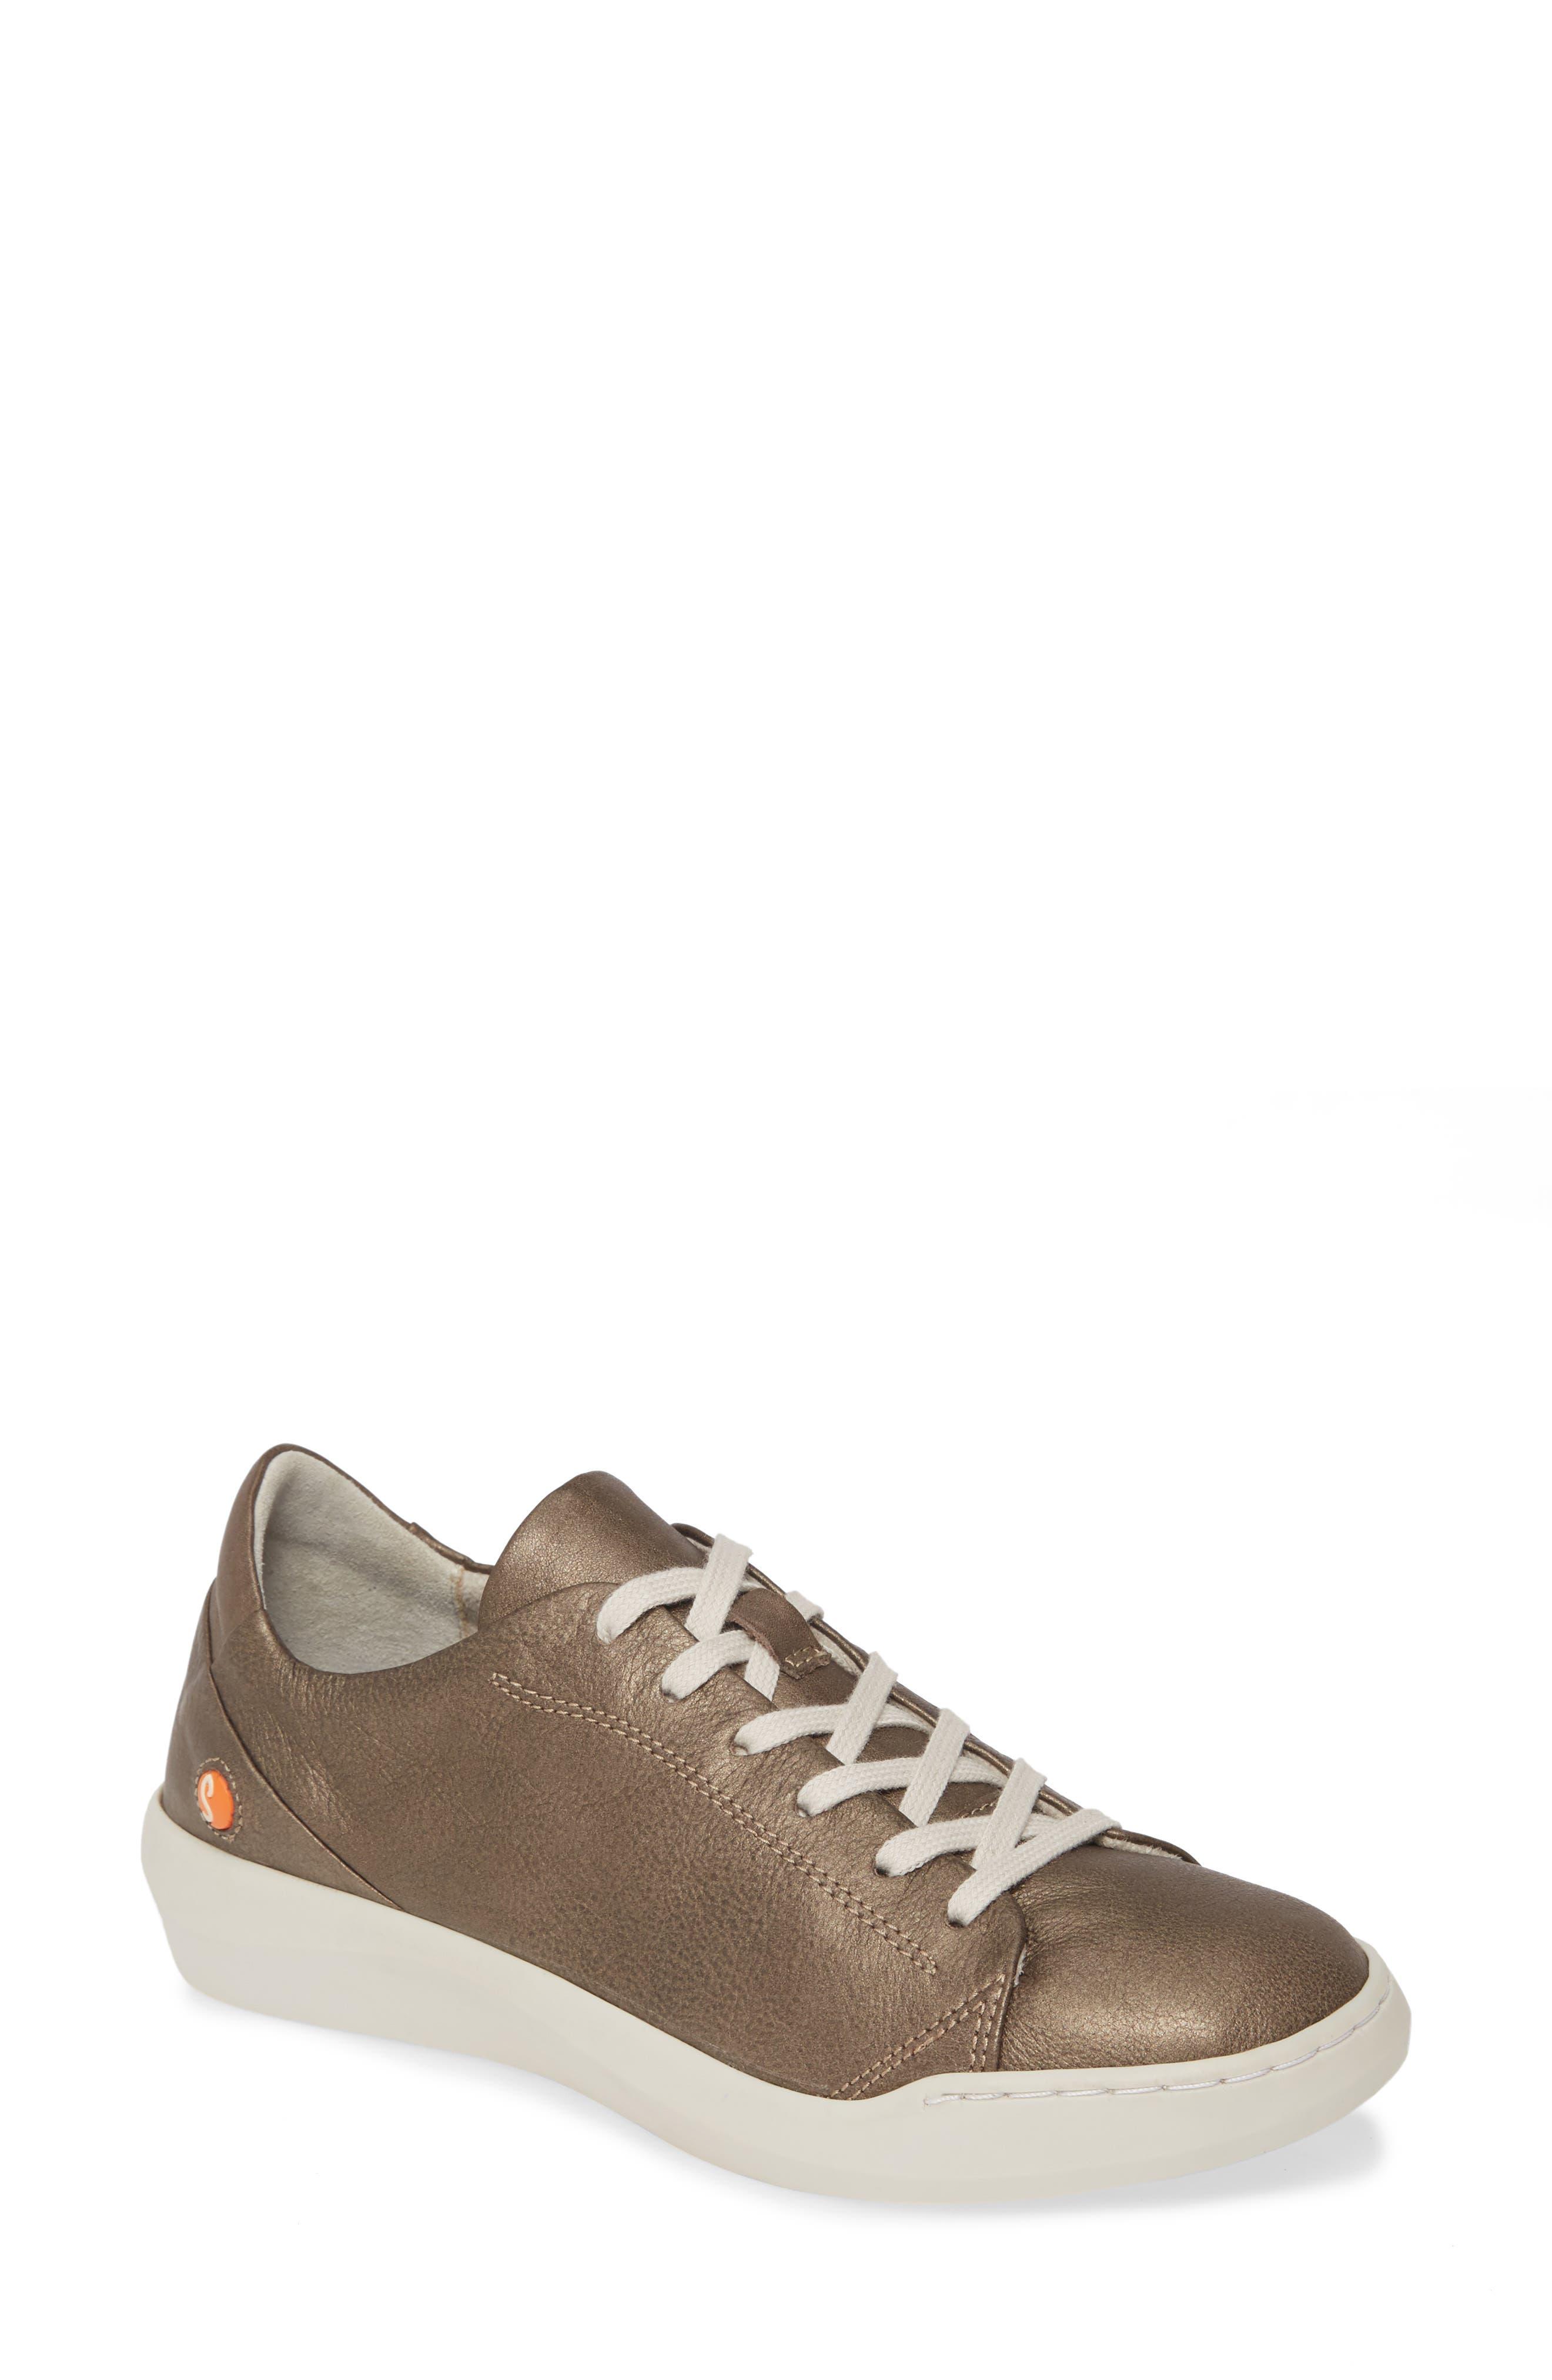 Fly London Bauk Sneaker (Women